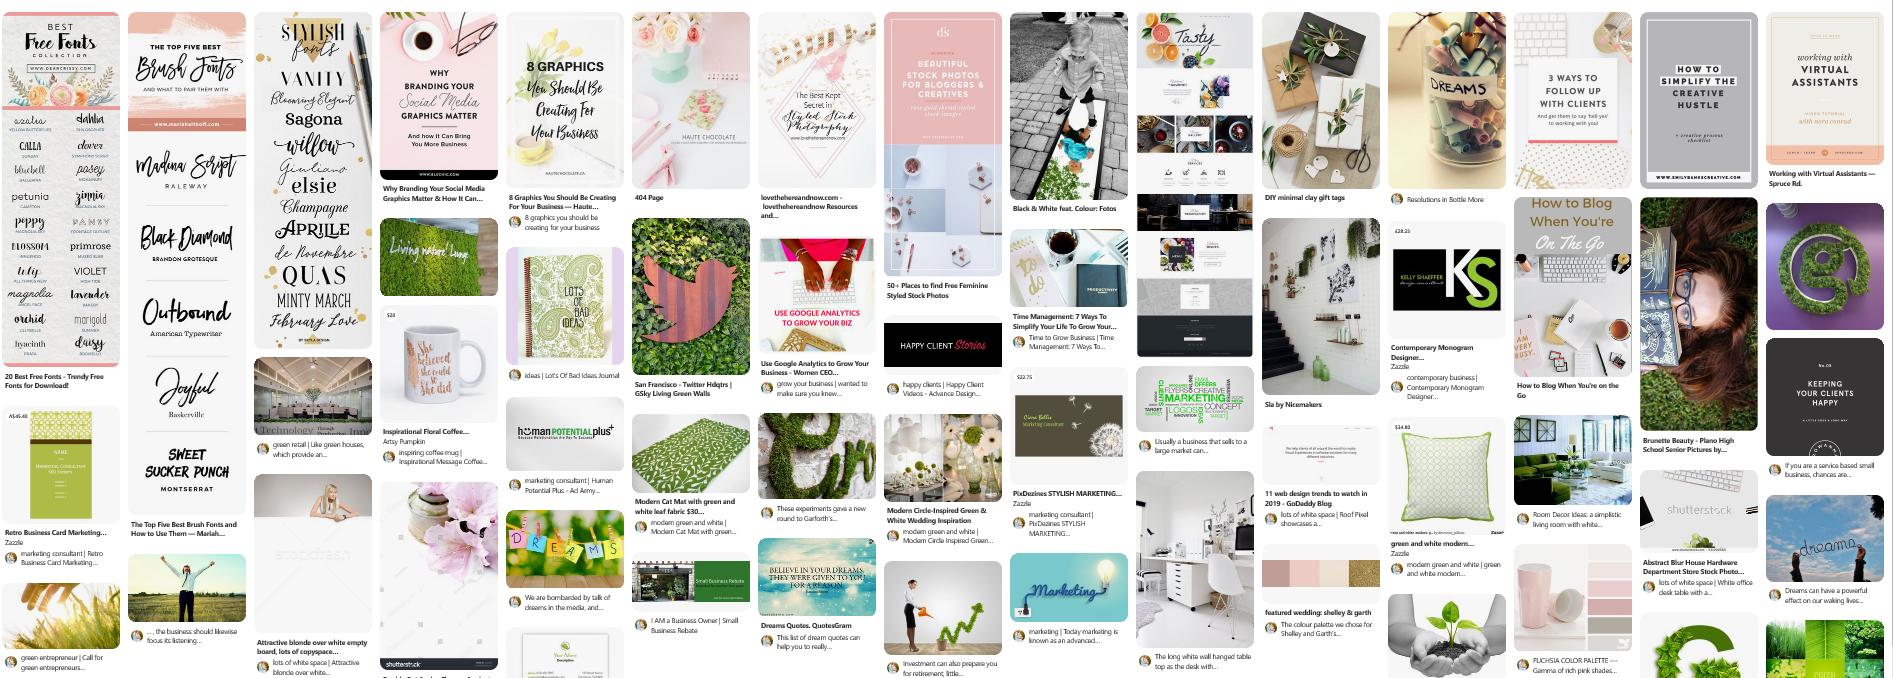 Website branding Pinterest Mood Board